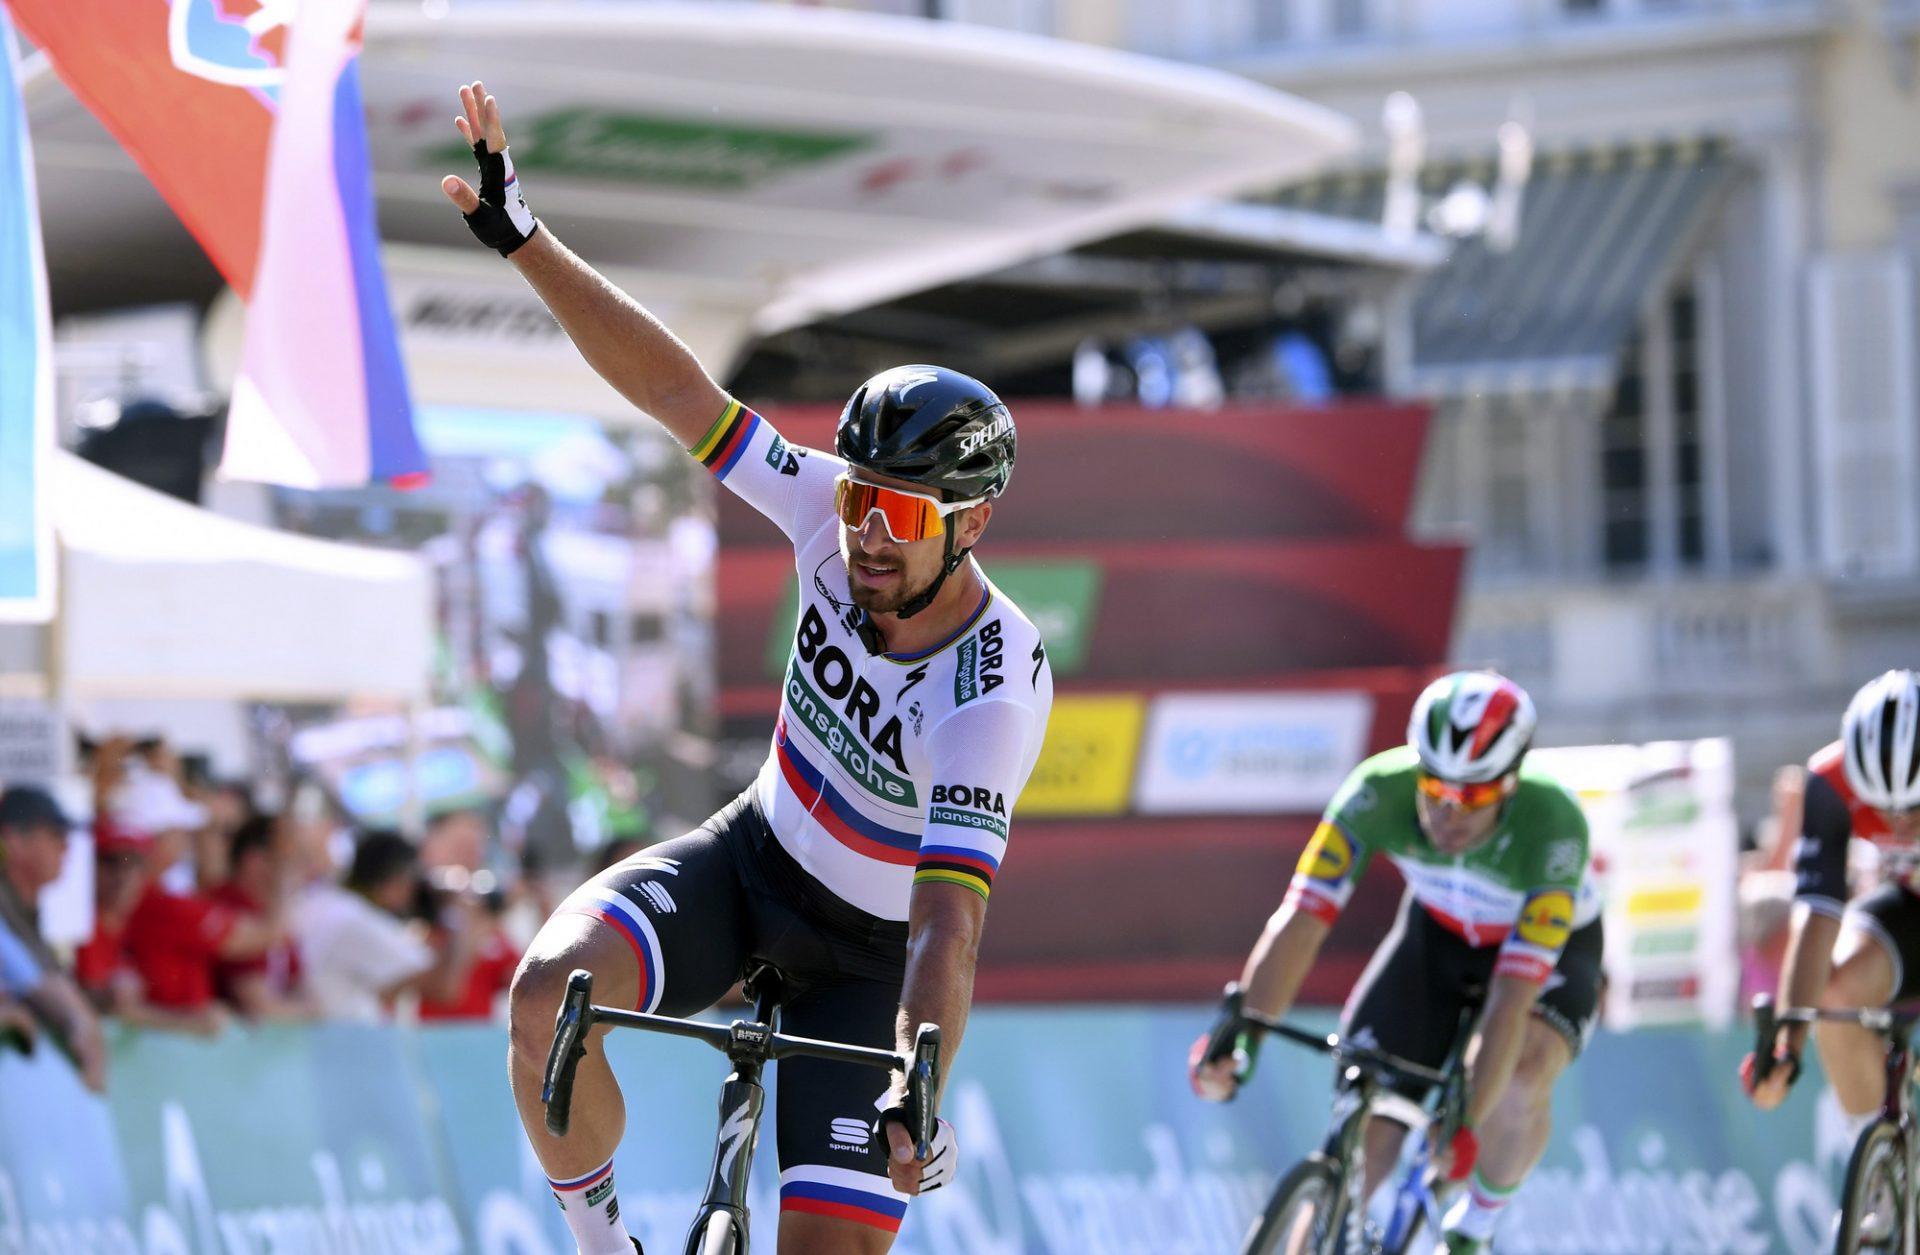 Peter Sagan doufá, že po dlouhé době znovu okusí radost z vítězství. Foto: Tour de Suisse 2019 - 83rd Edition - 3rd stage Flamatt - Murten 162,3 km - 17/06/2019 - Peter Sagan (SVK - Bora - Hansgrohe) - photo Vincent Kalut/PN/BettiniPhoto©2019